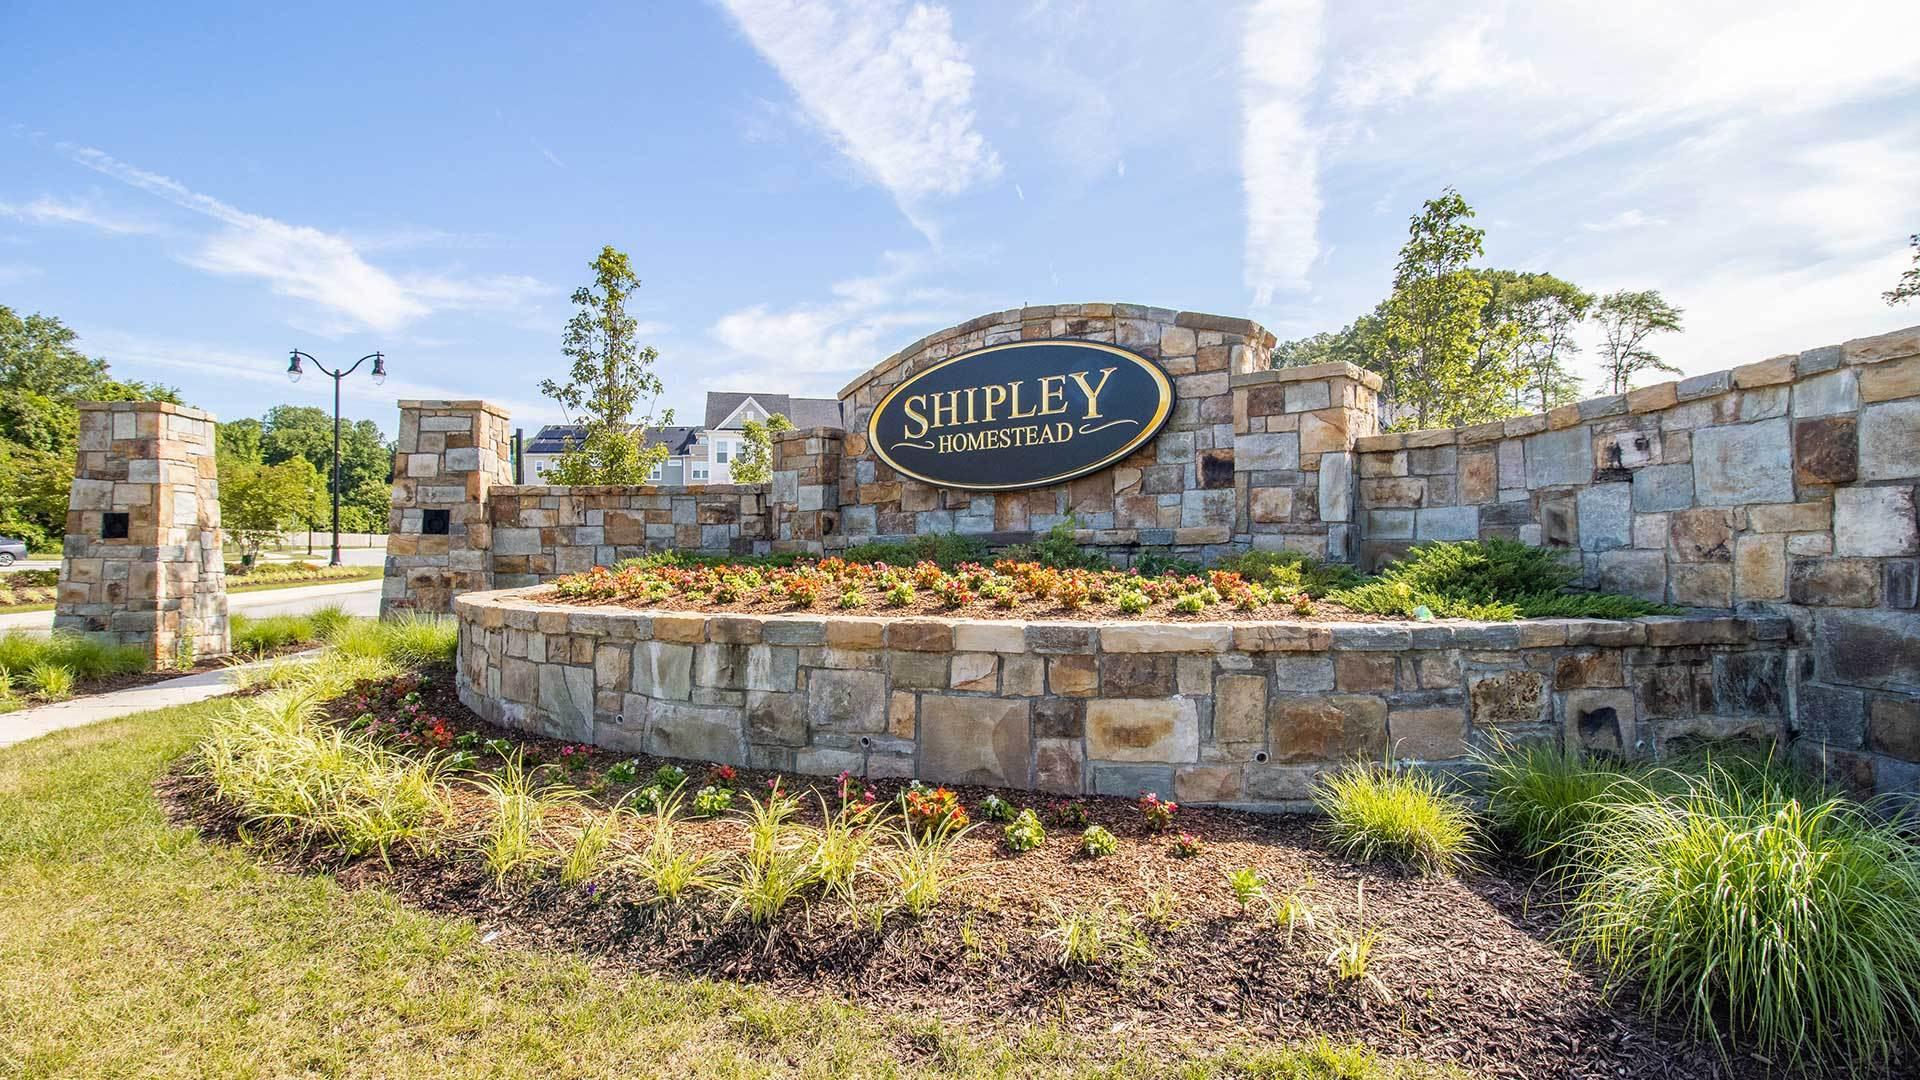 Shipley Homestead,21076